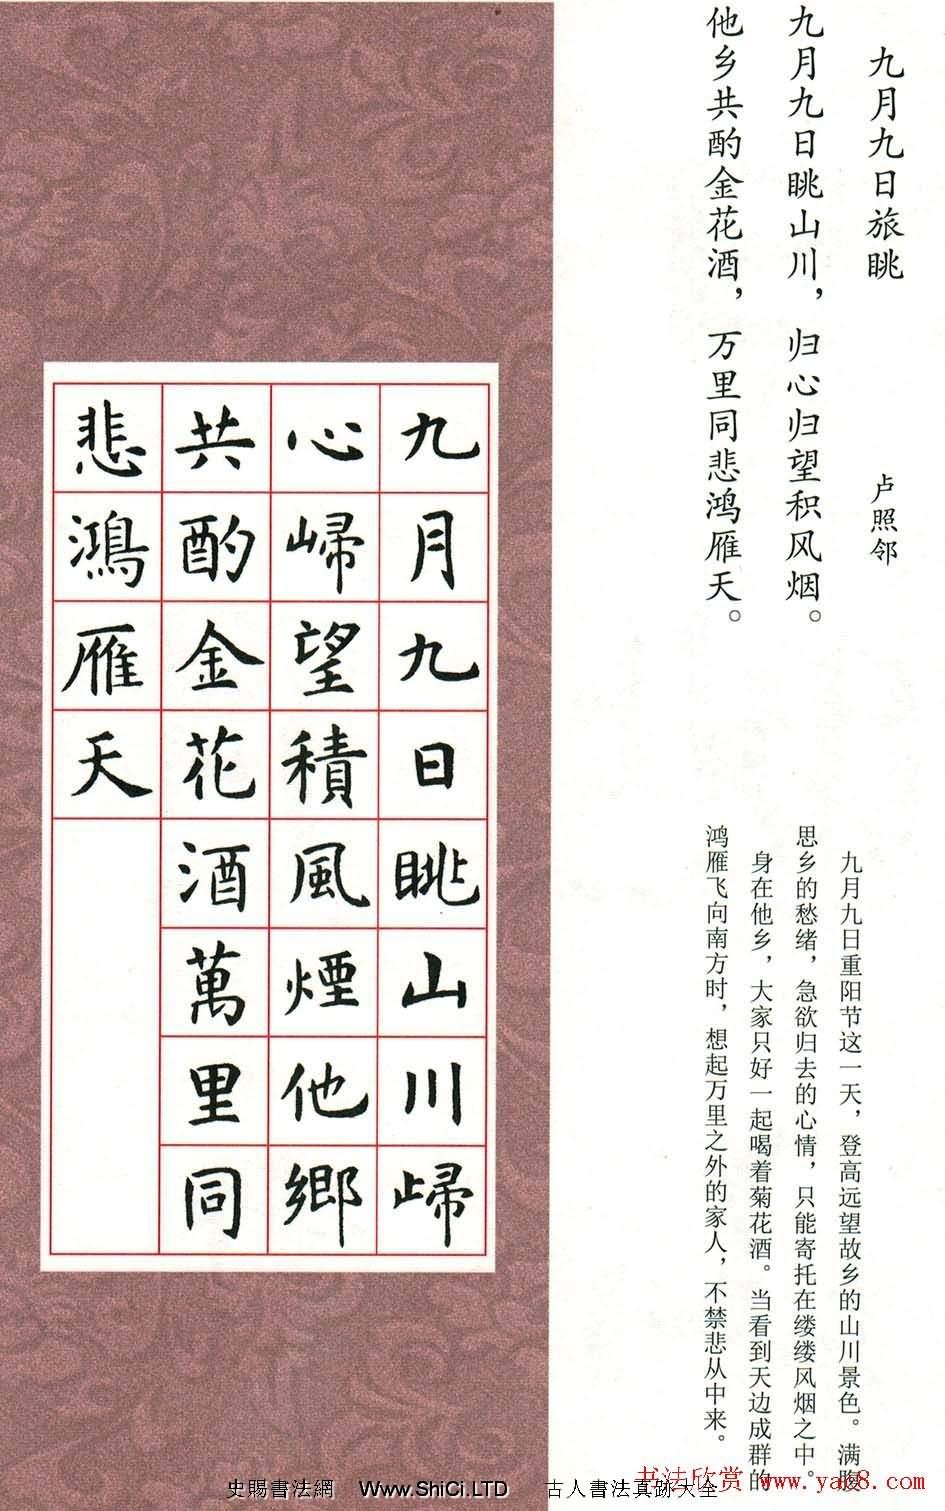 虞世南楷書集字唐詩九宮格字帖(共78張圖片)